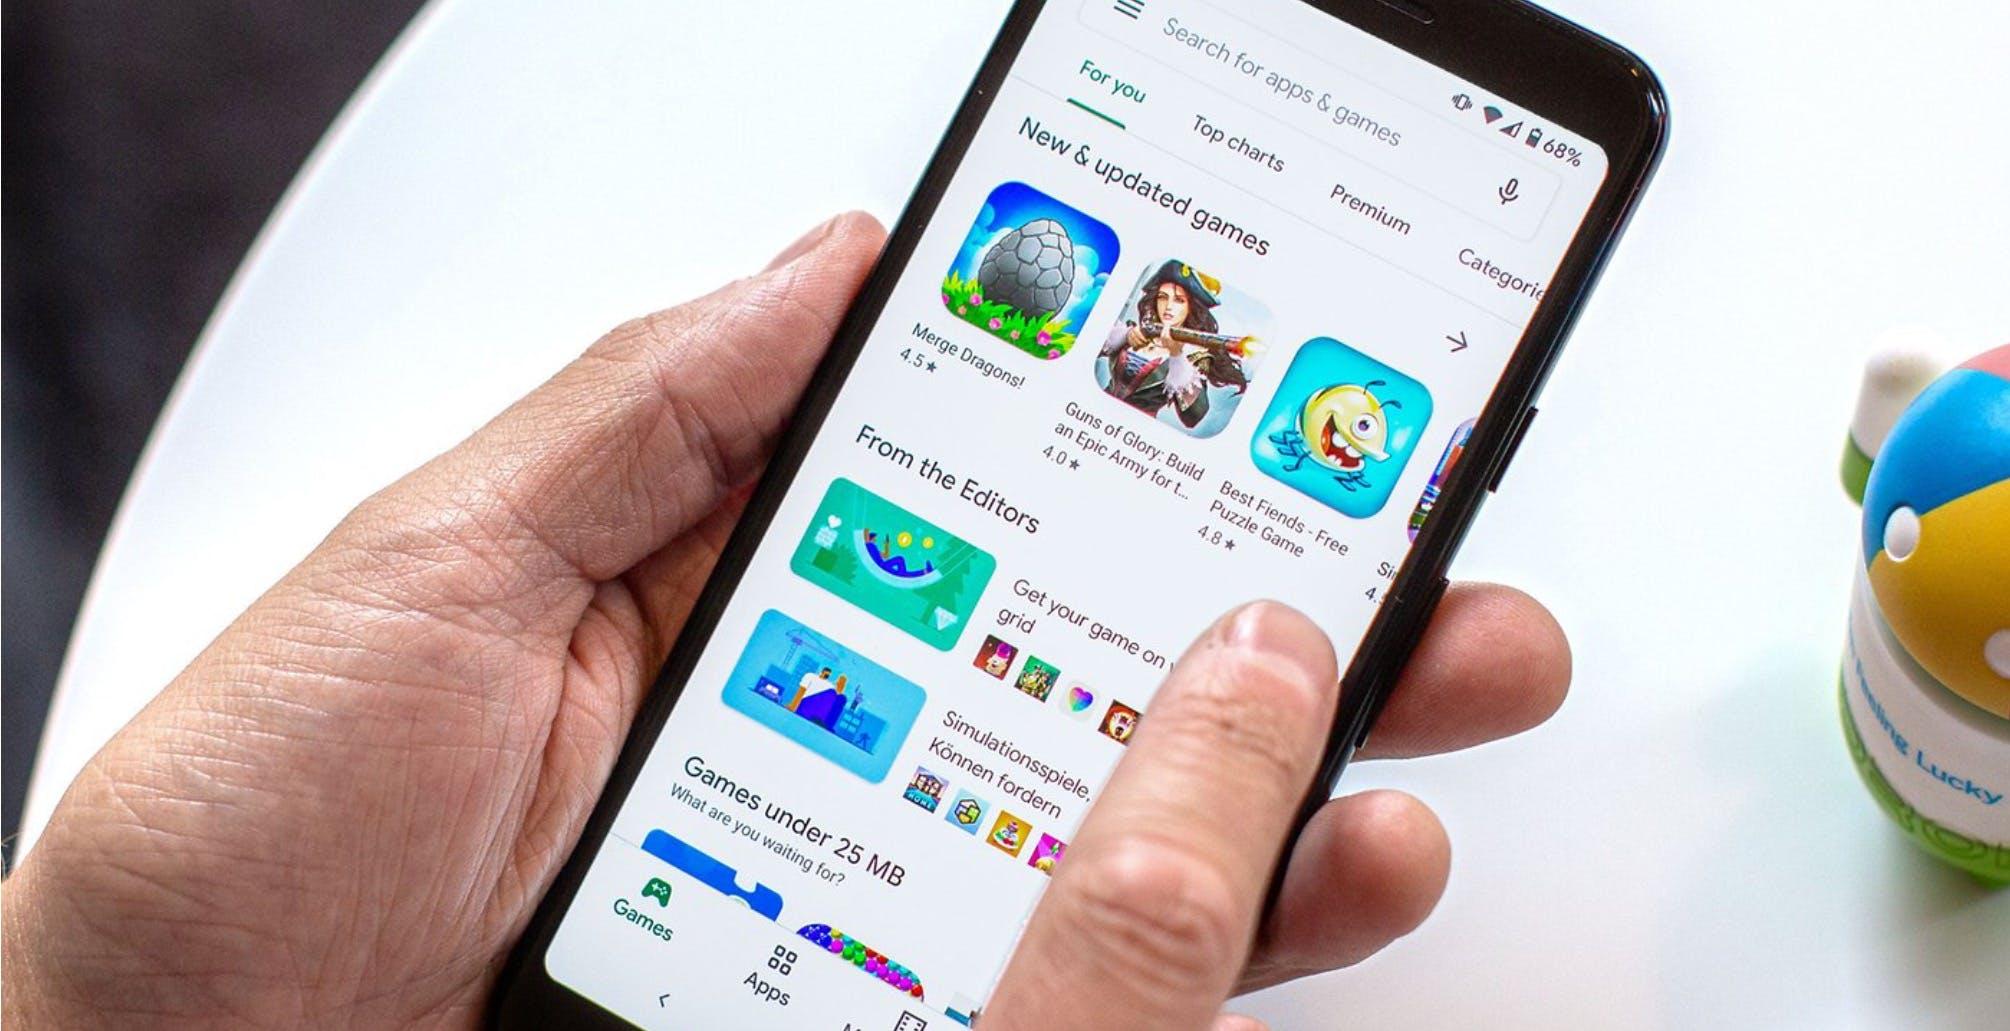 Google e Play Store: alcuni sviluppatori potranno pagare la metà delle commissioni